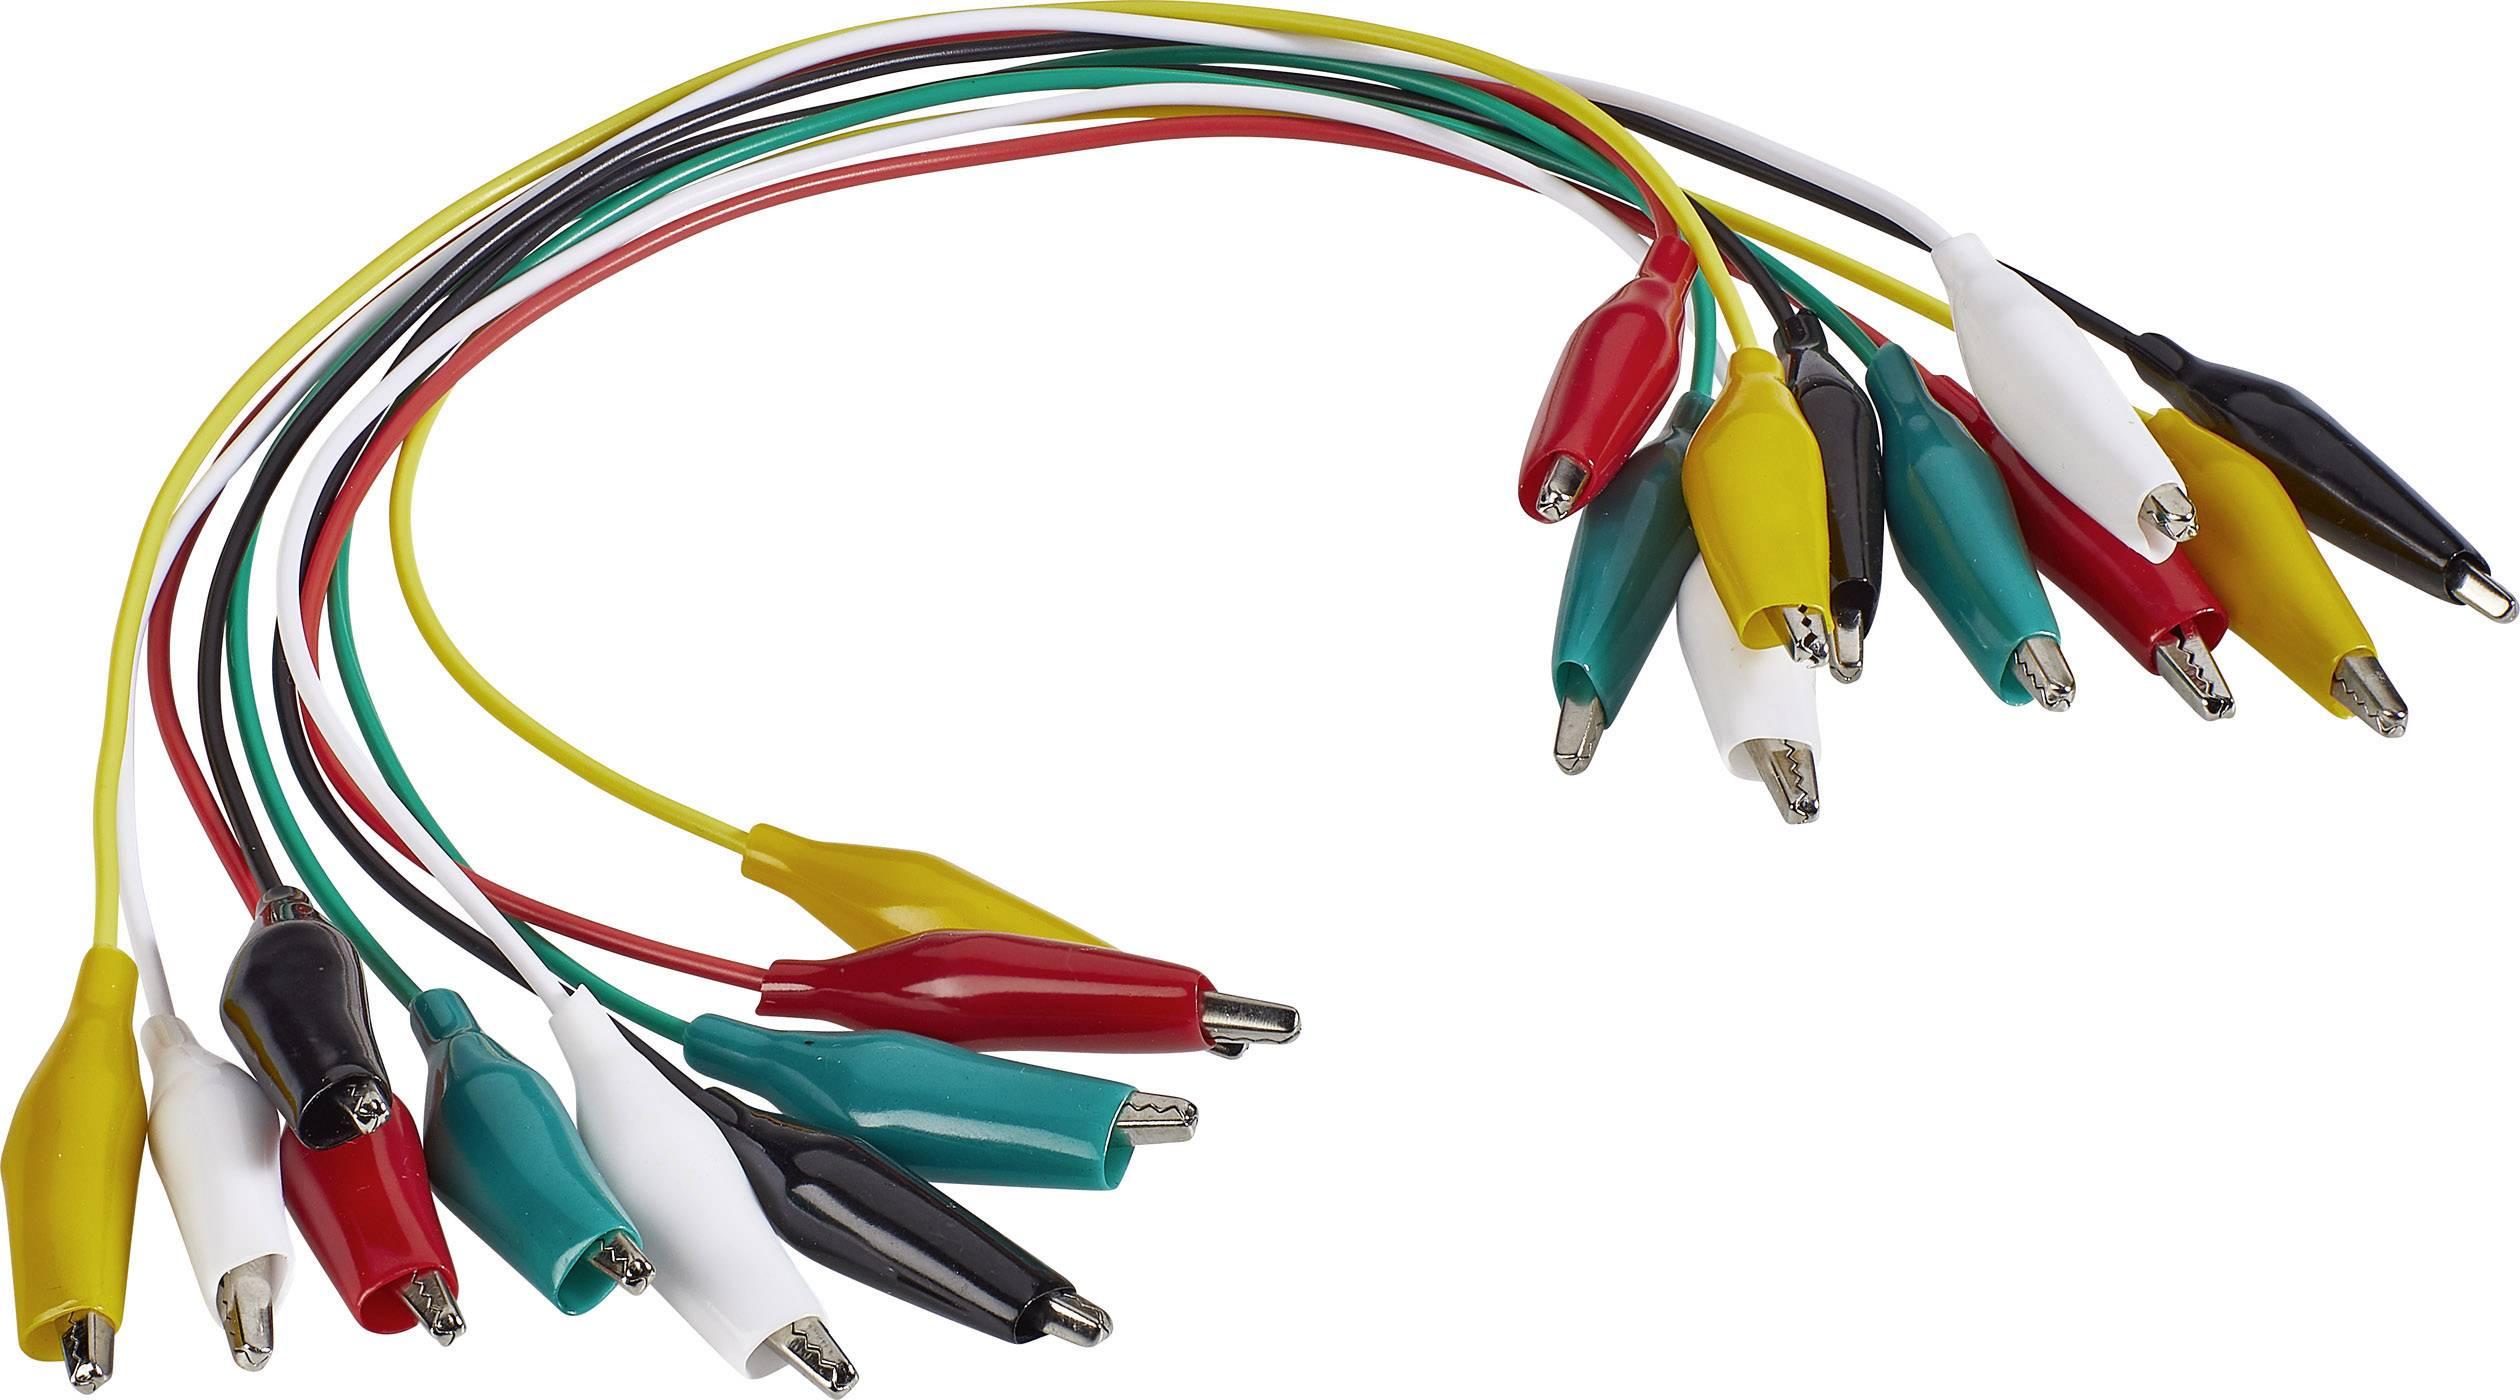 Sada měřicích kabelů krokosvorka ⇔ krokosvorka Voltcraft KS-280/0.1, 0,28 m, 10 ks